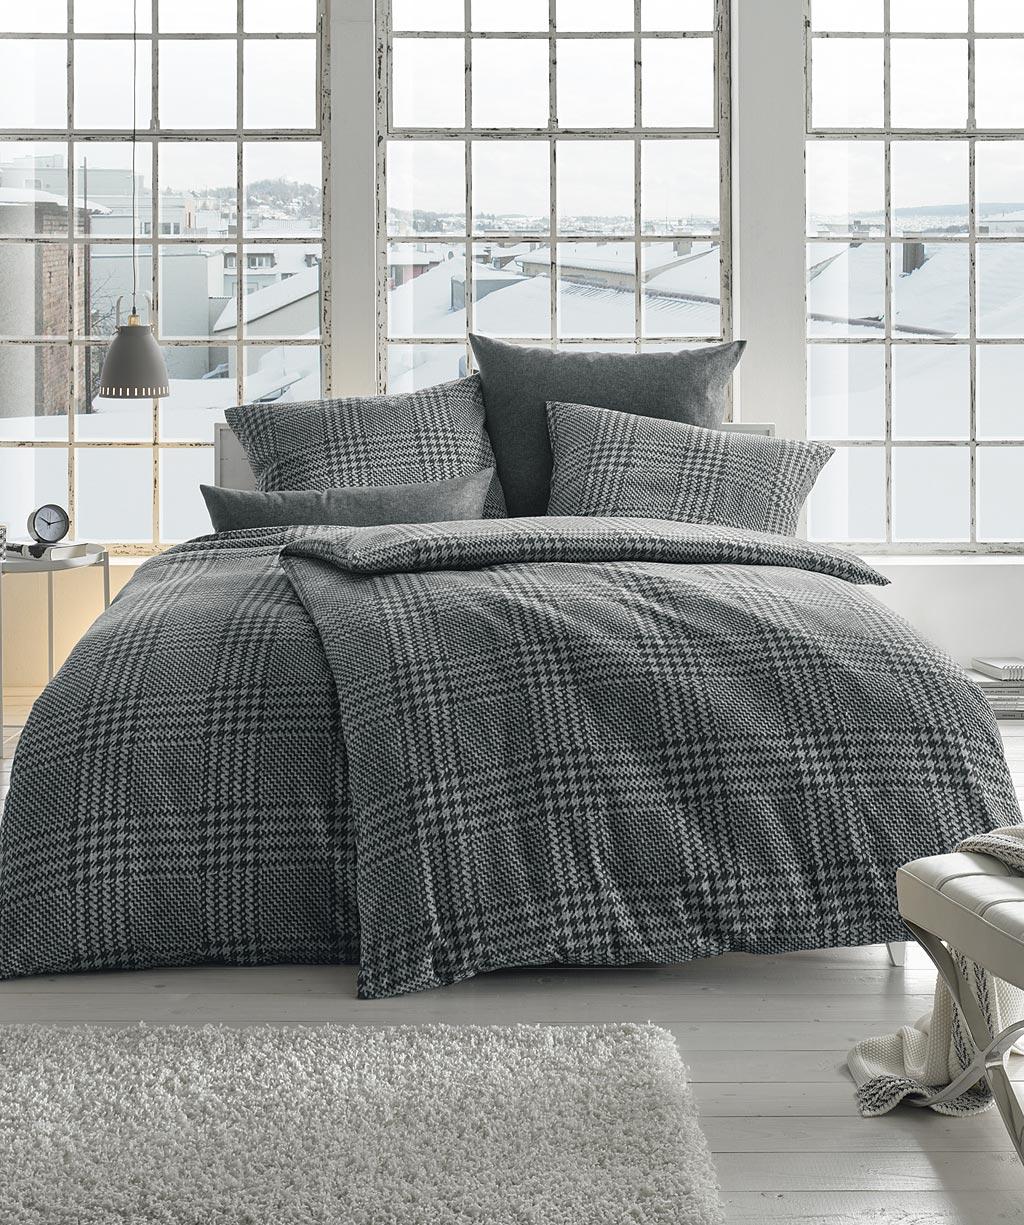 schwarz wei karierte flanell bettw sche fleuresse lech in. Black Bedroom Furniture Sets. Home Design Ideas